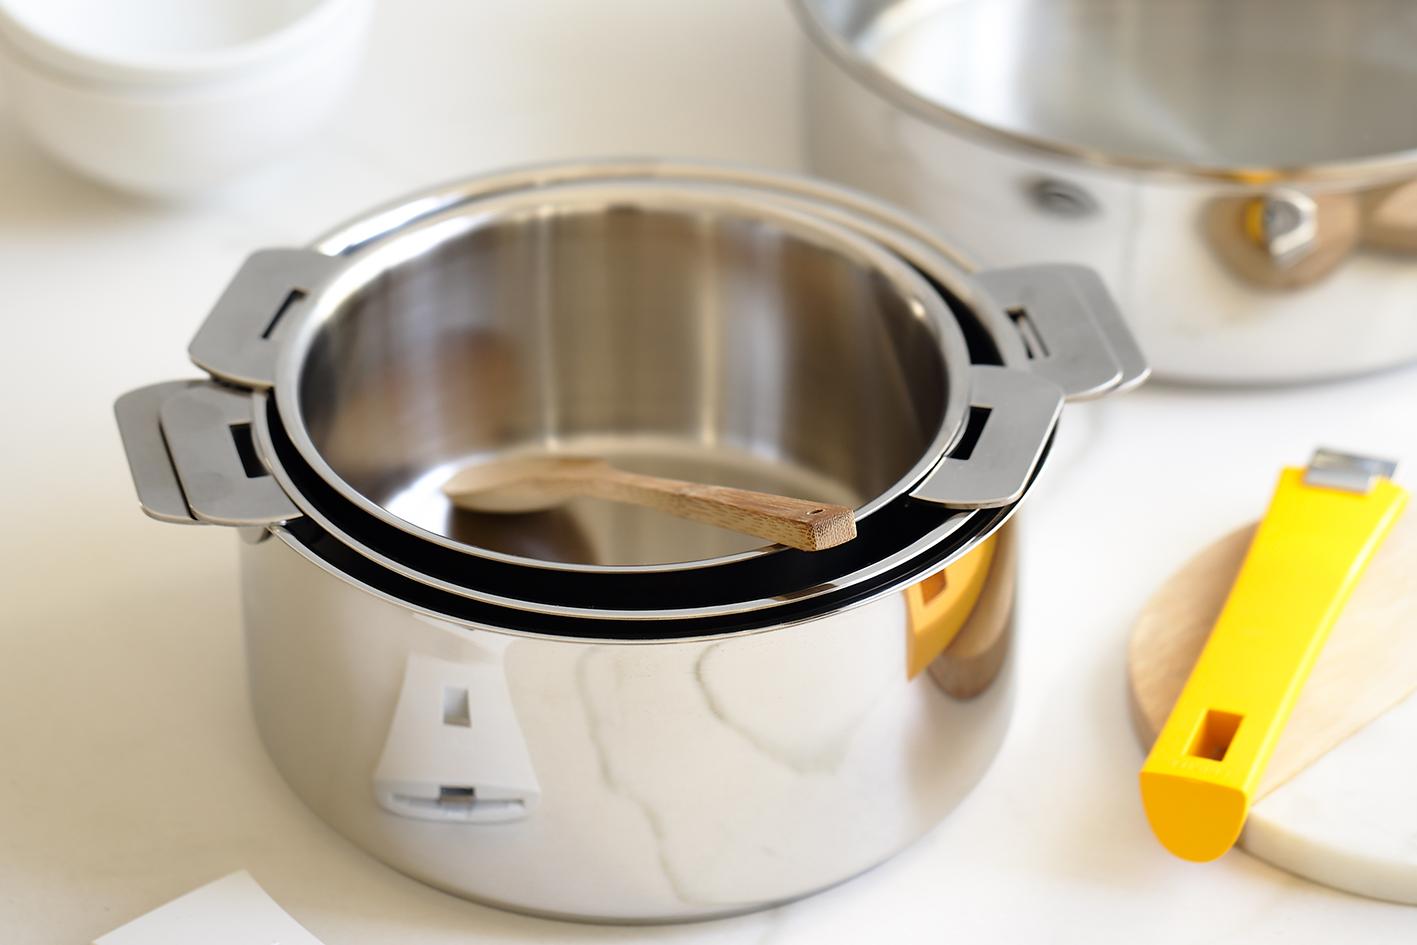 Comment Differencier Induction Et Vitroceramique comment choisir son matériel de cuisson en inox ?